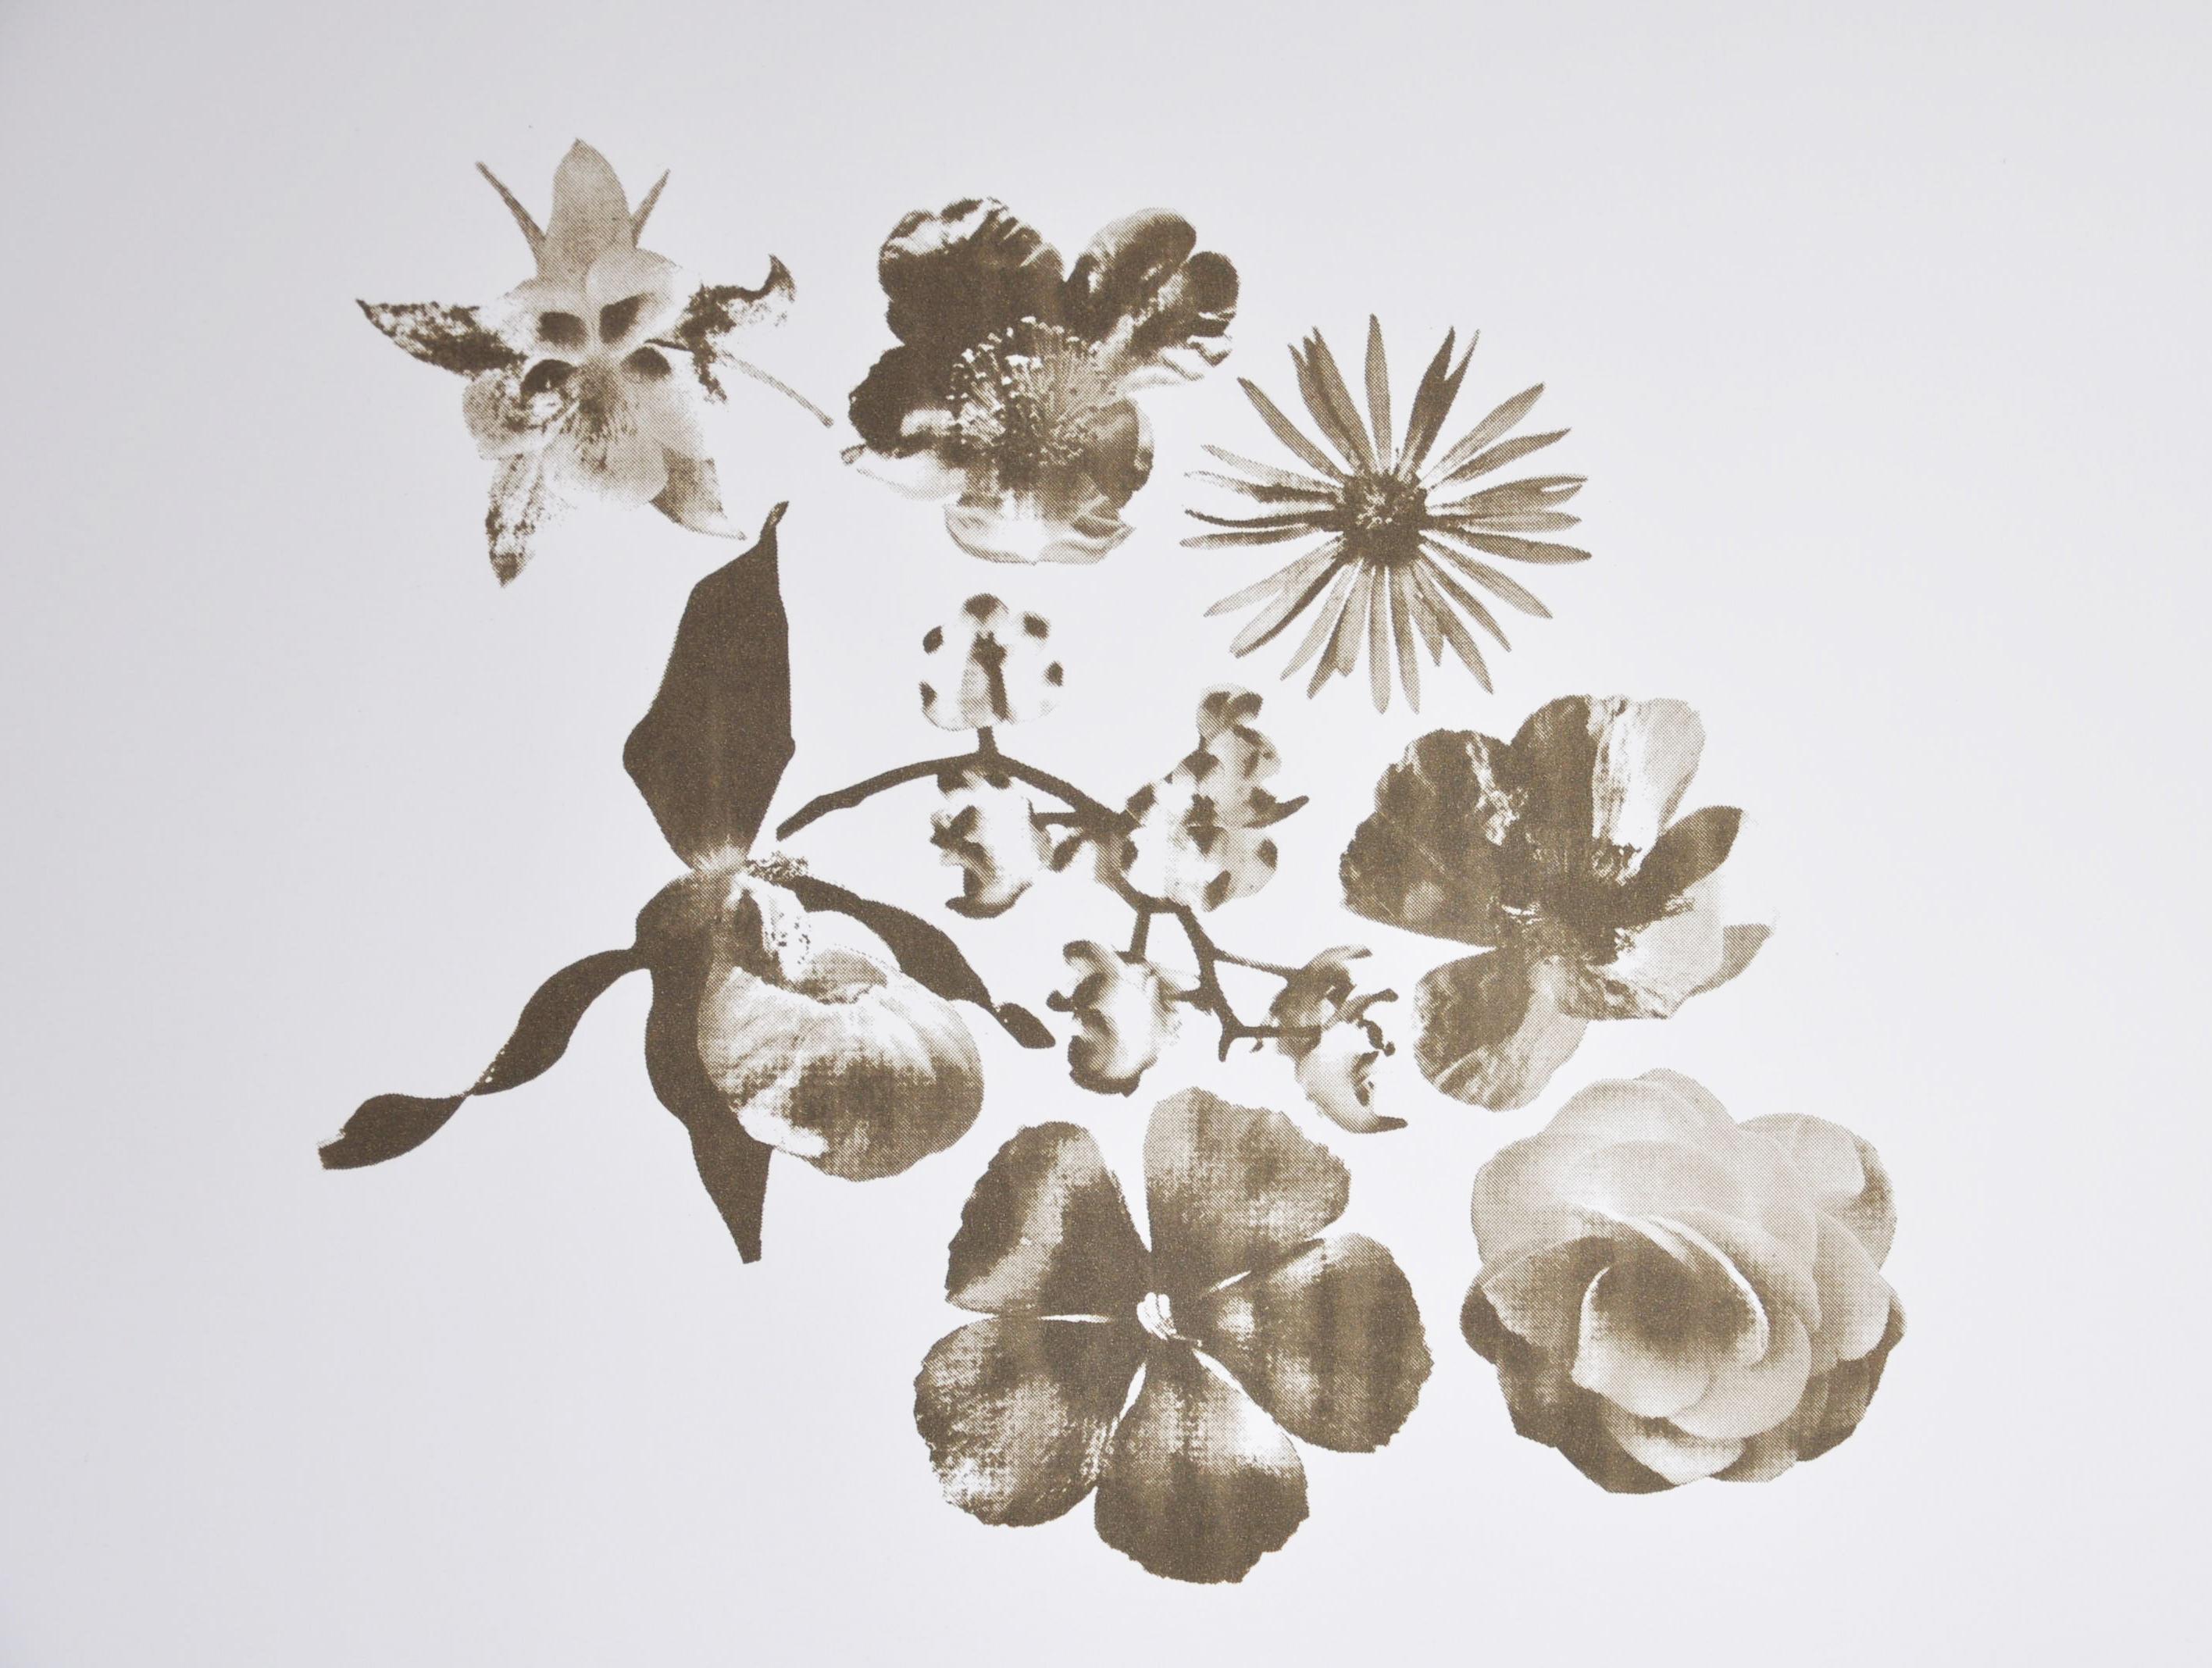 Flowers, sérigraphie à l'huile de vidange@(100 x 70 cm)